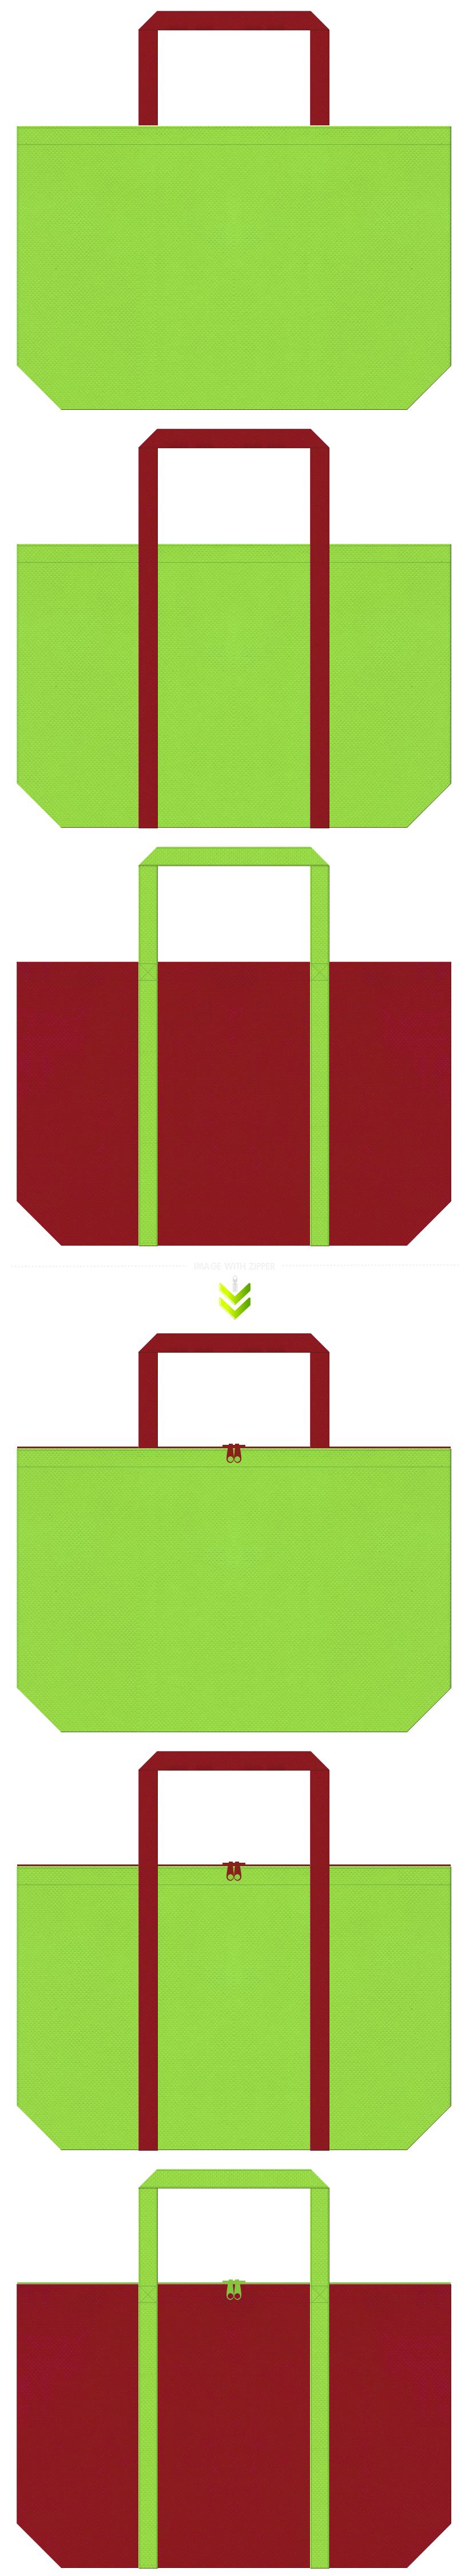 黄緑色とエンジ色の不織布エコバッグのデザイン。振袖風イメージです。